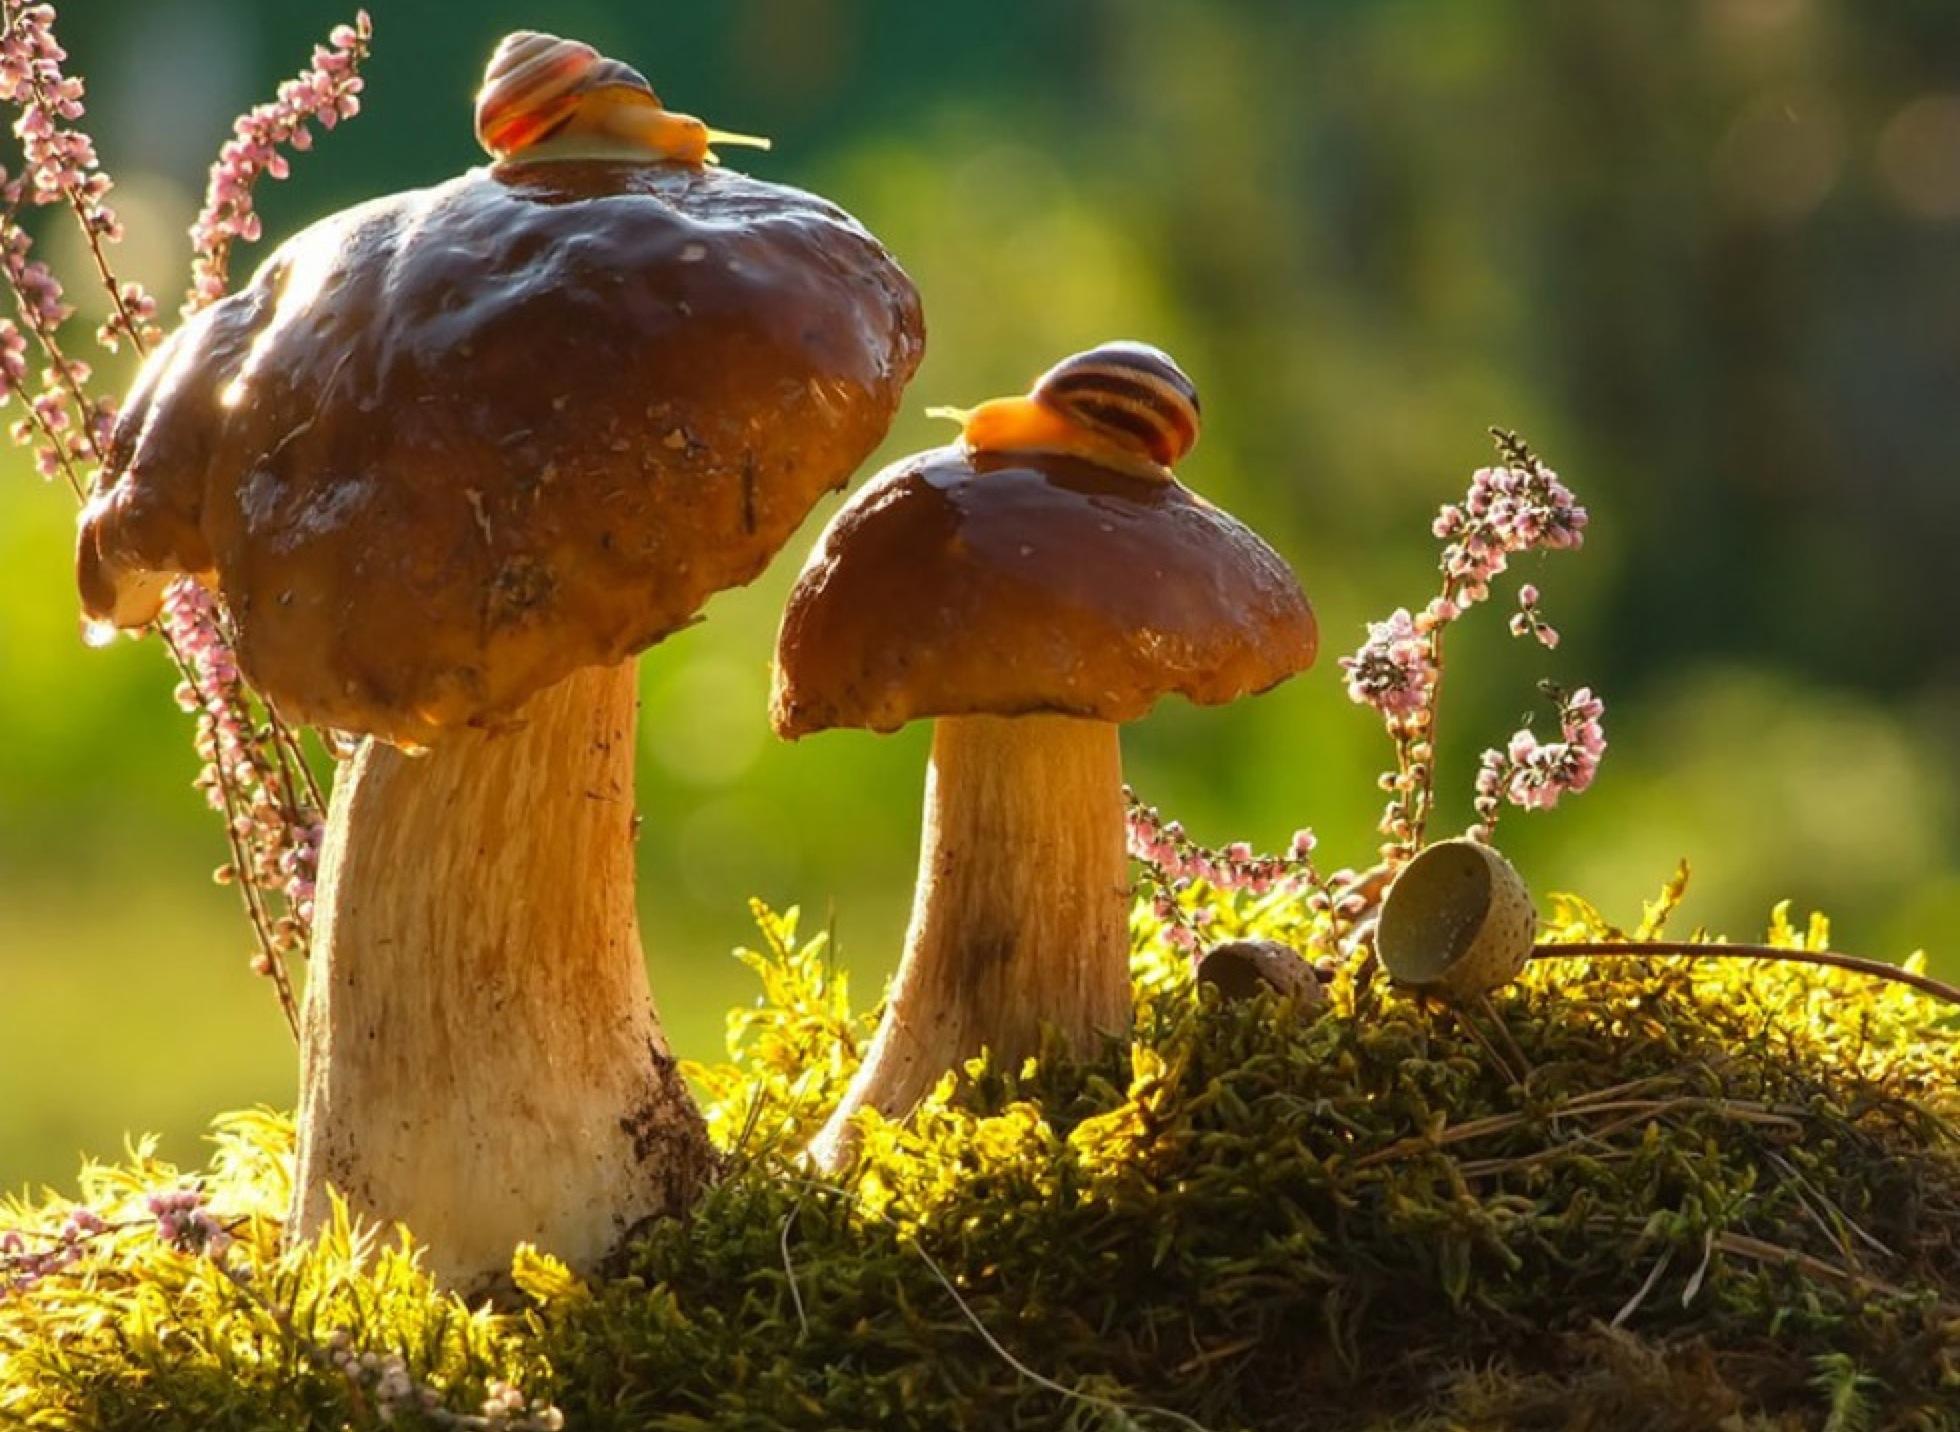 Hình ảnh cây nấm cực đẹp